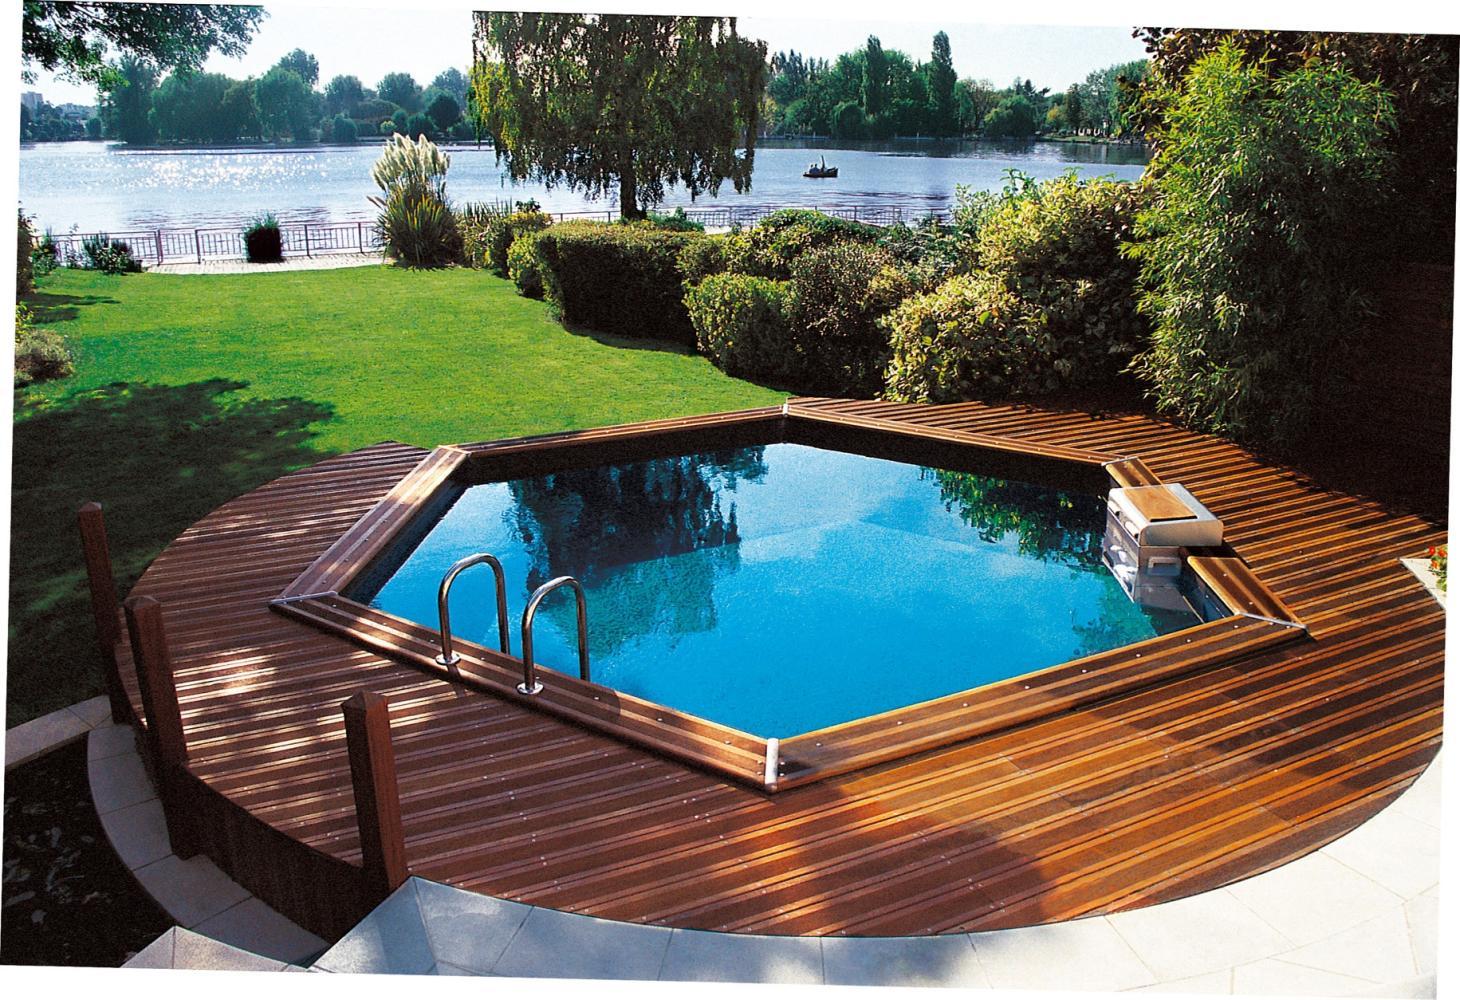 Comment Monter Une Piscine Hors Sol les différents modèles de piscines